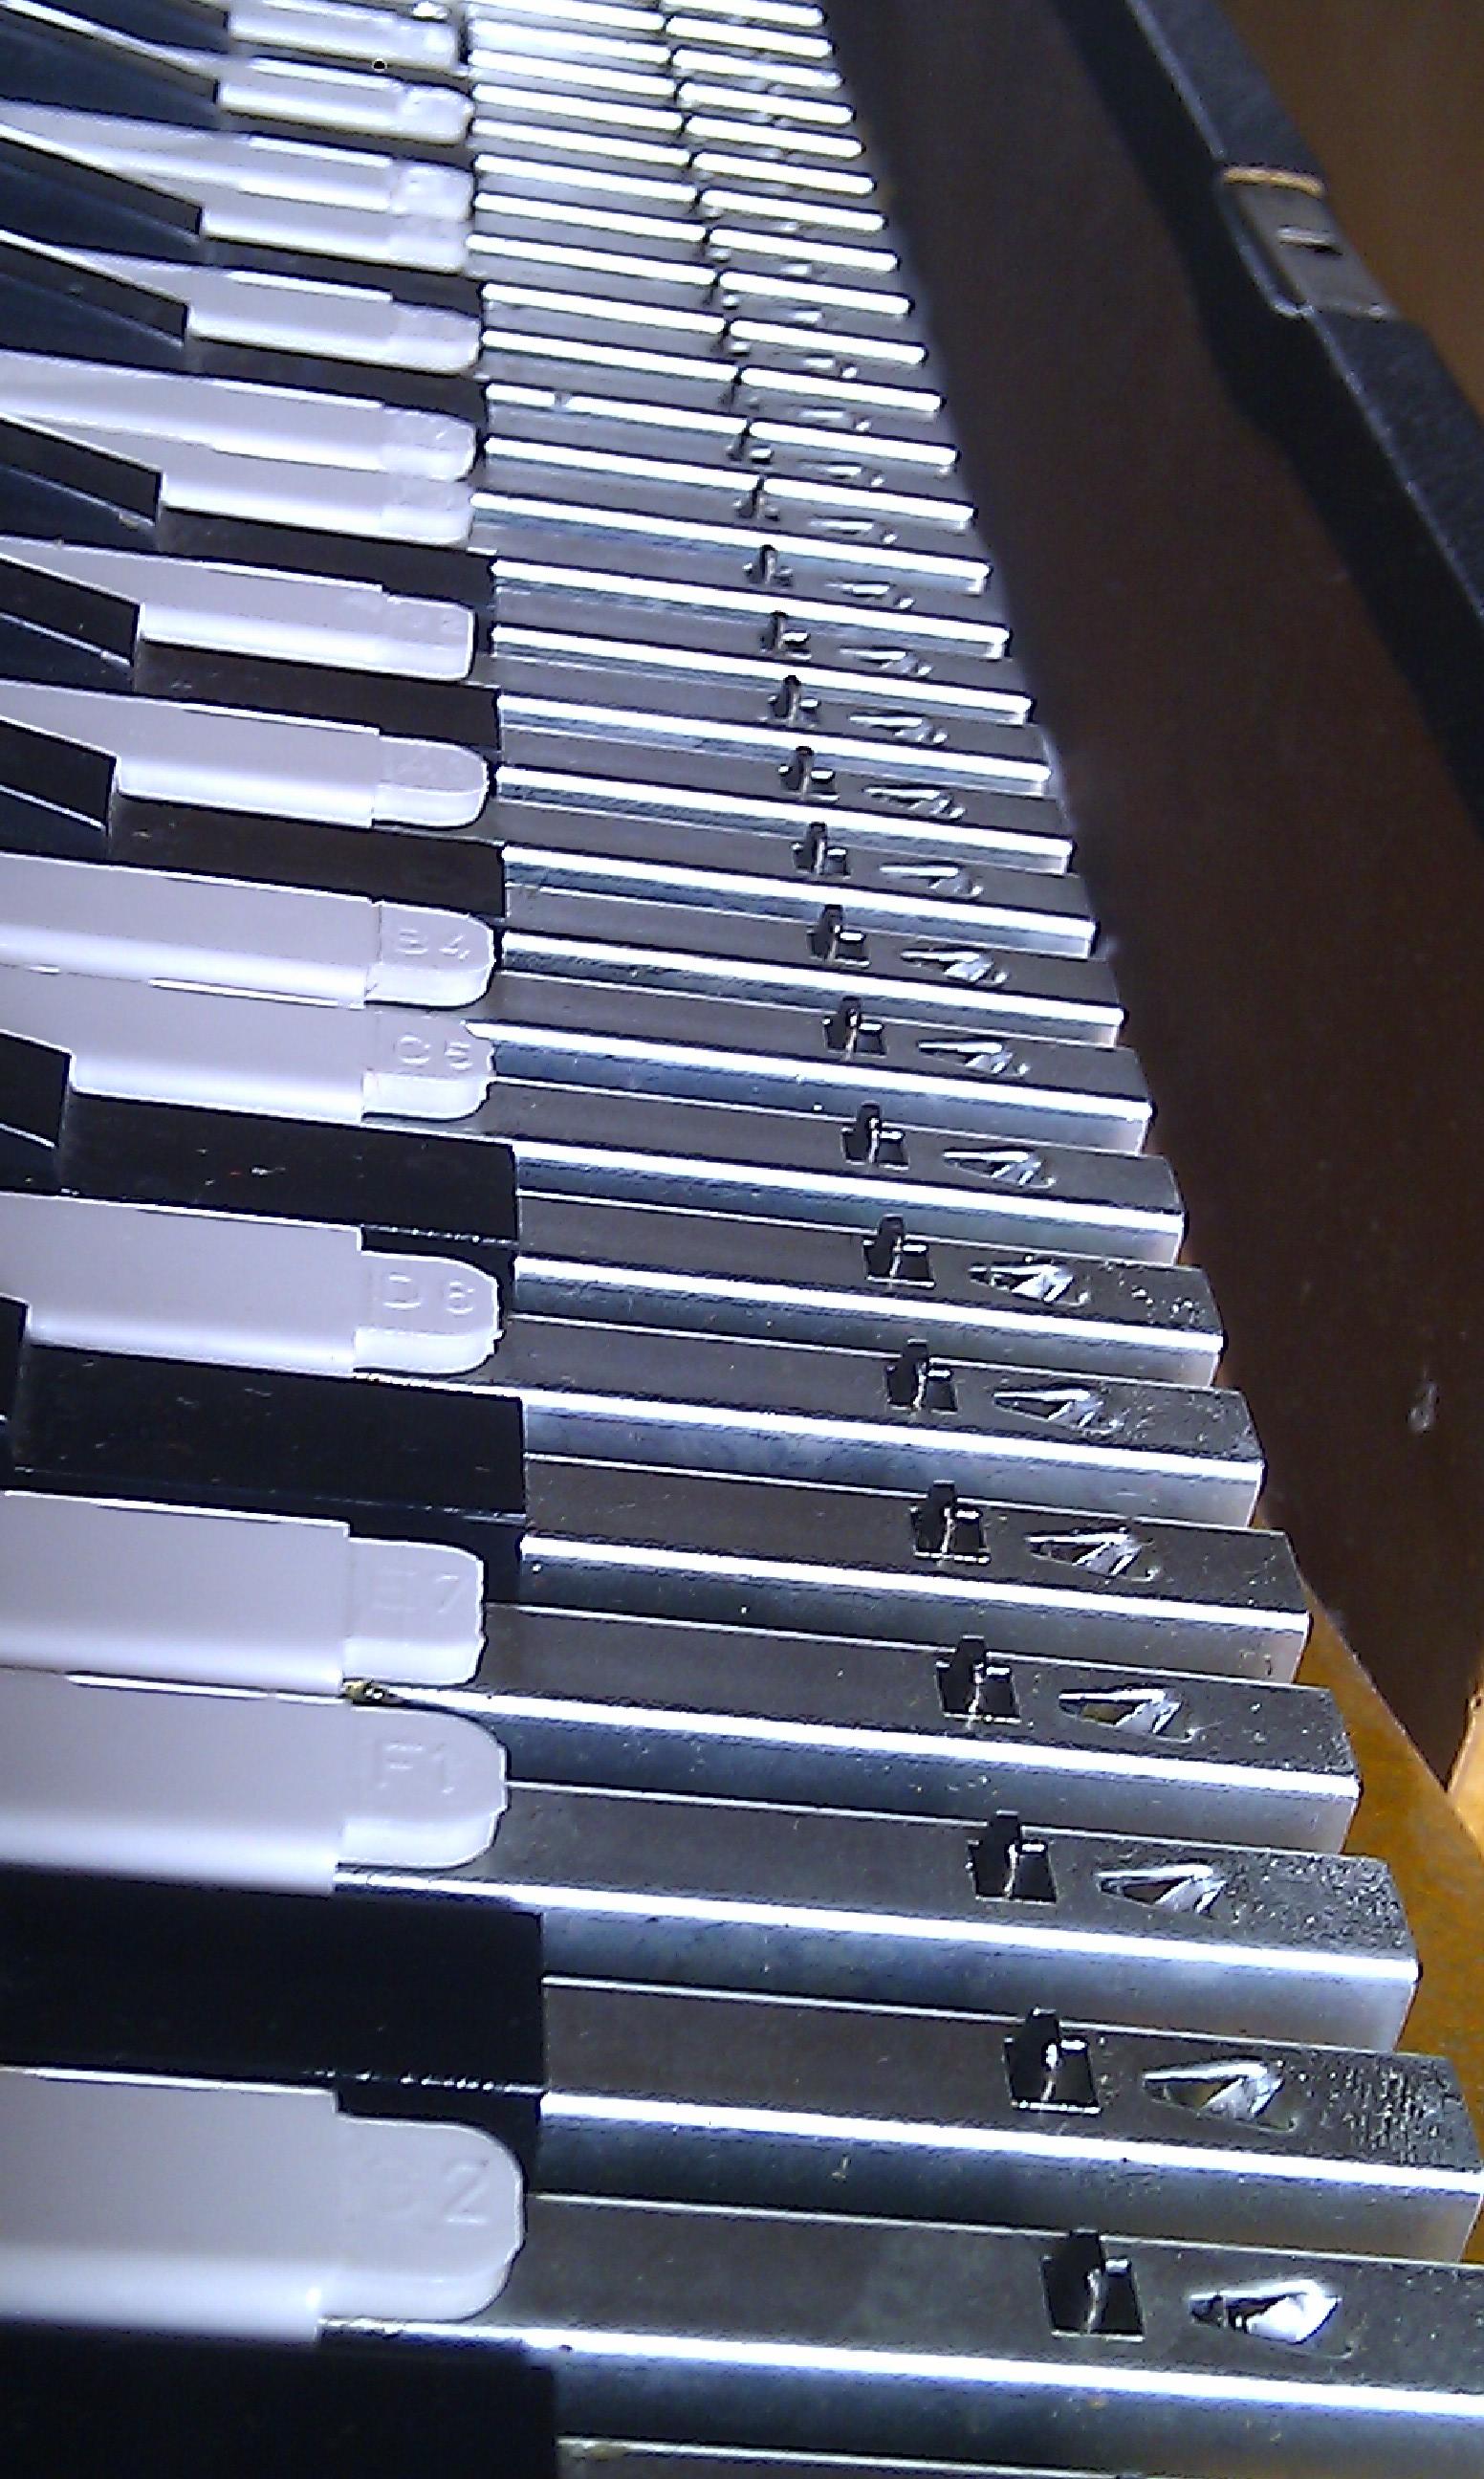 hohner clavinet d6 image 451461 audiofanzine. Black Bedroom Furniture Sets. Home Design Ideas